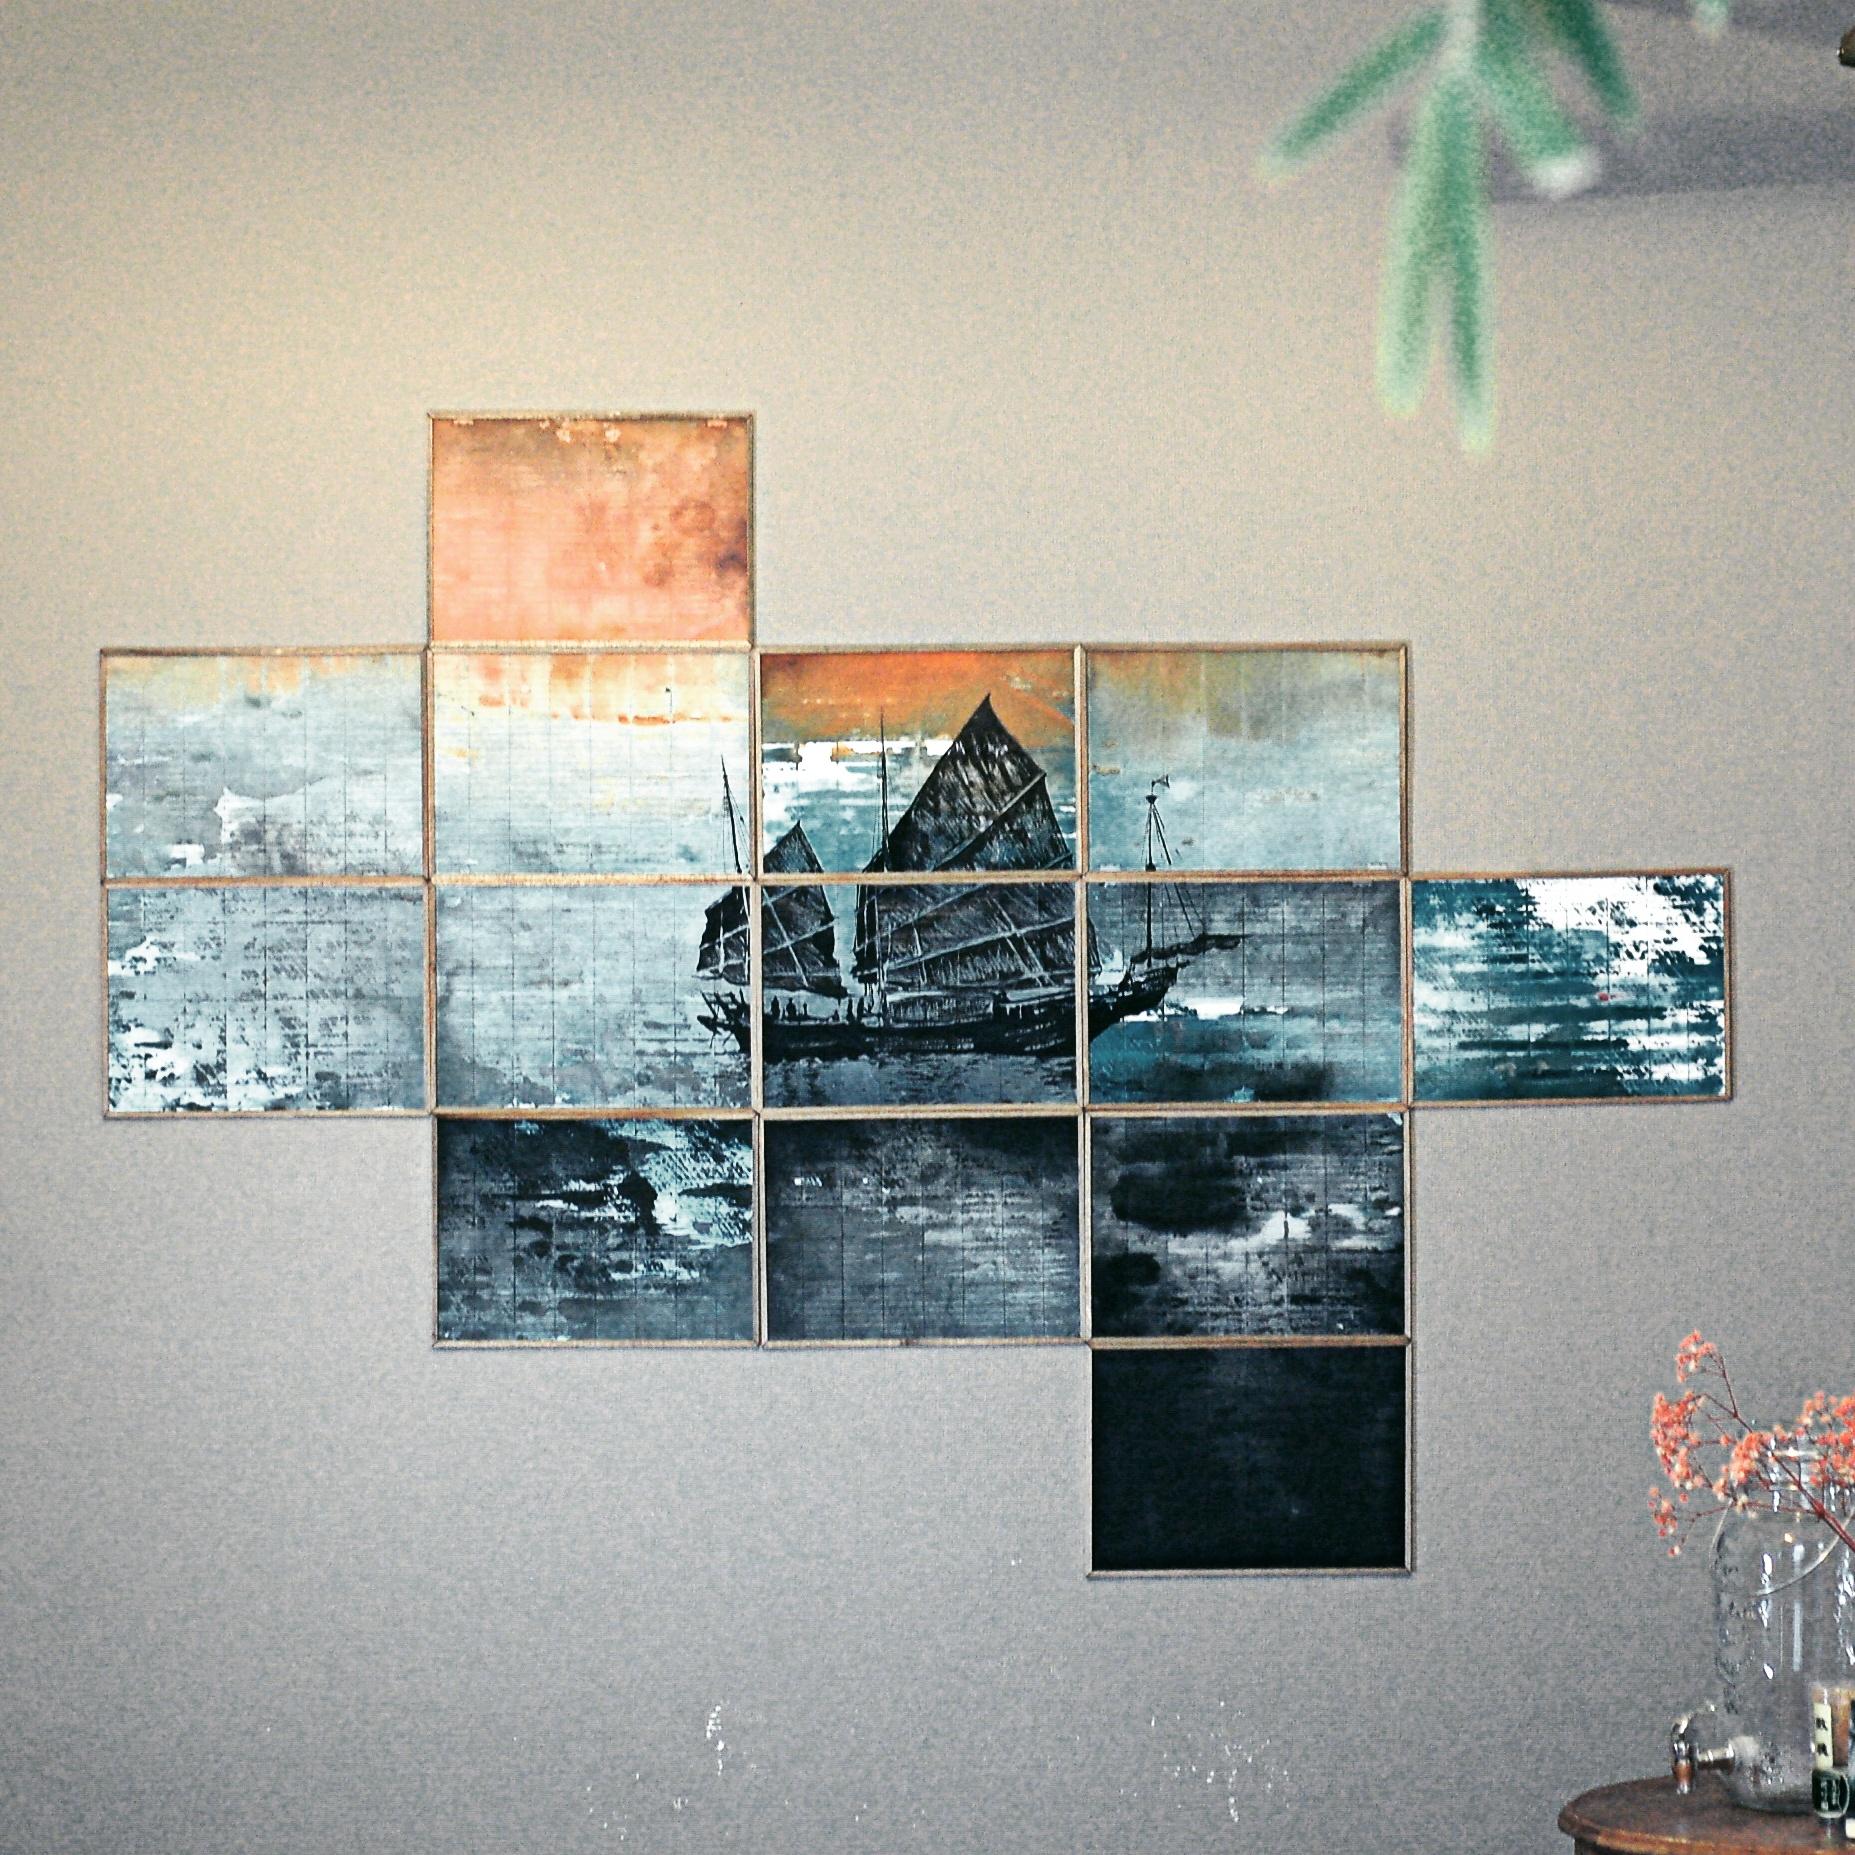 tableau d coratif mural joncque l 39 atelier vagabond. Black Bedroom Furniture Sets. Home Design Ideas